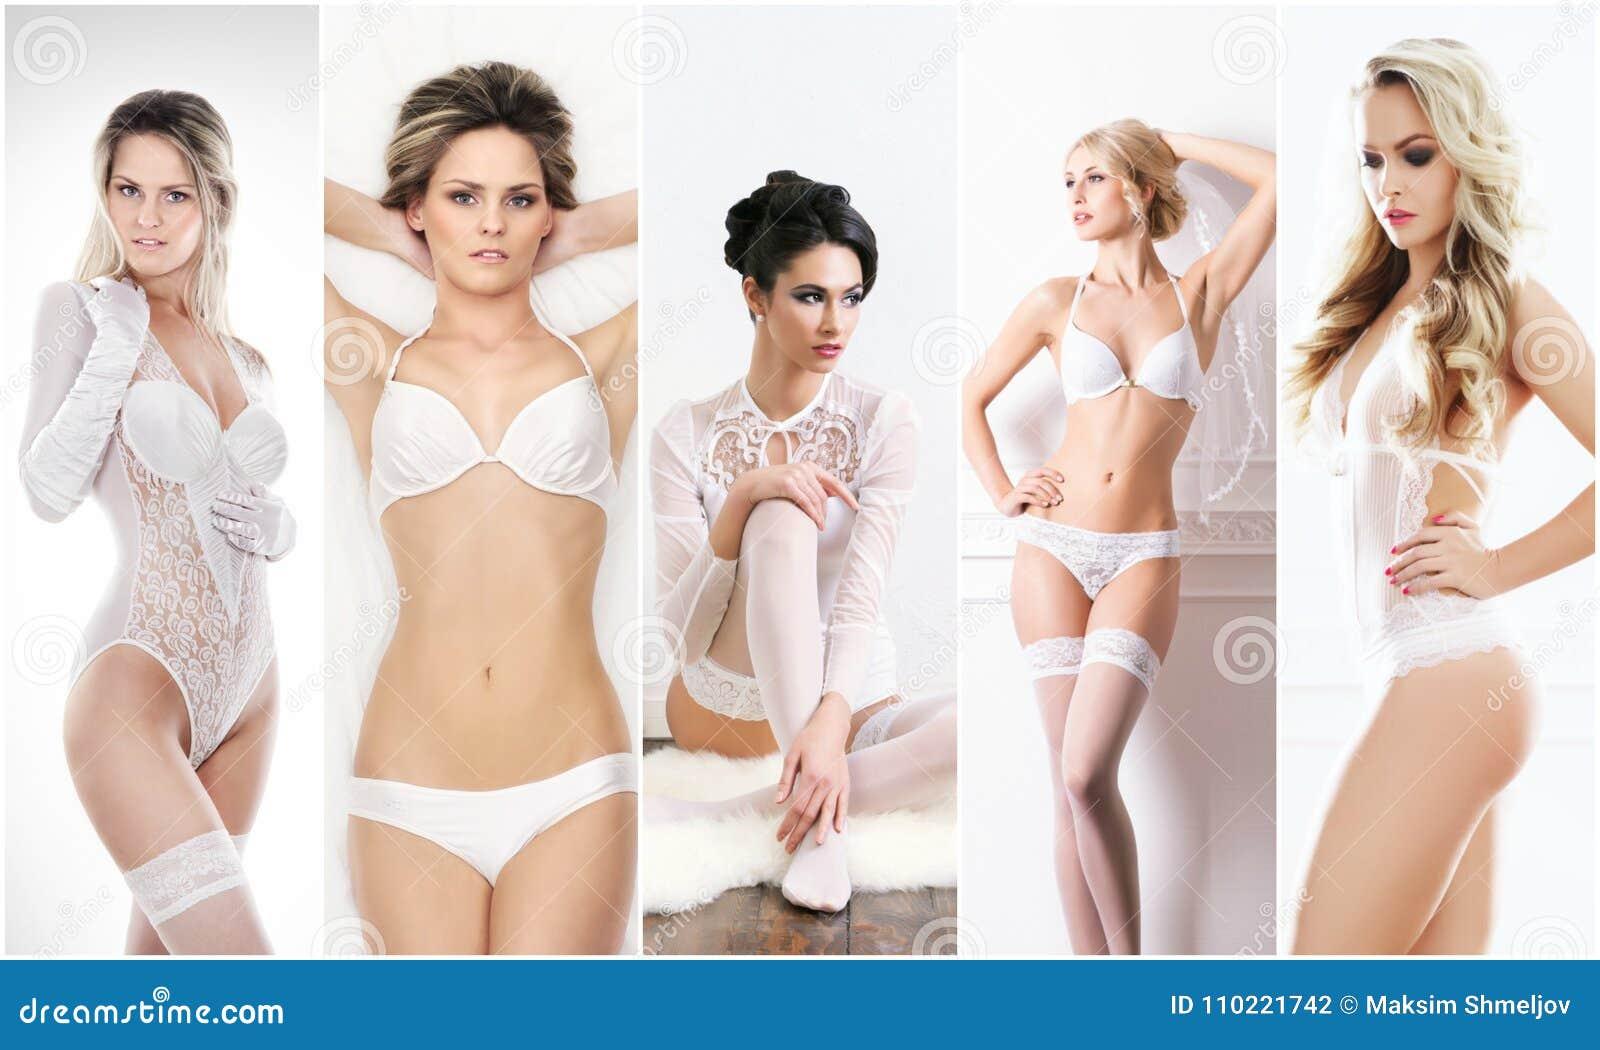 Образ сексуальной женщины в нижнем белье женское и мужское нижнее белье